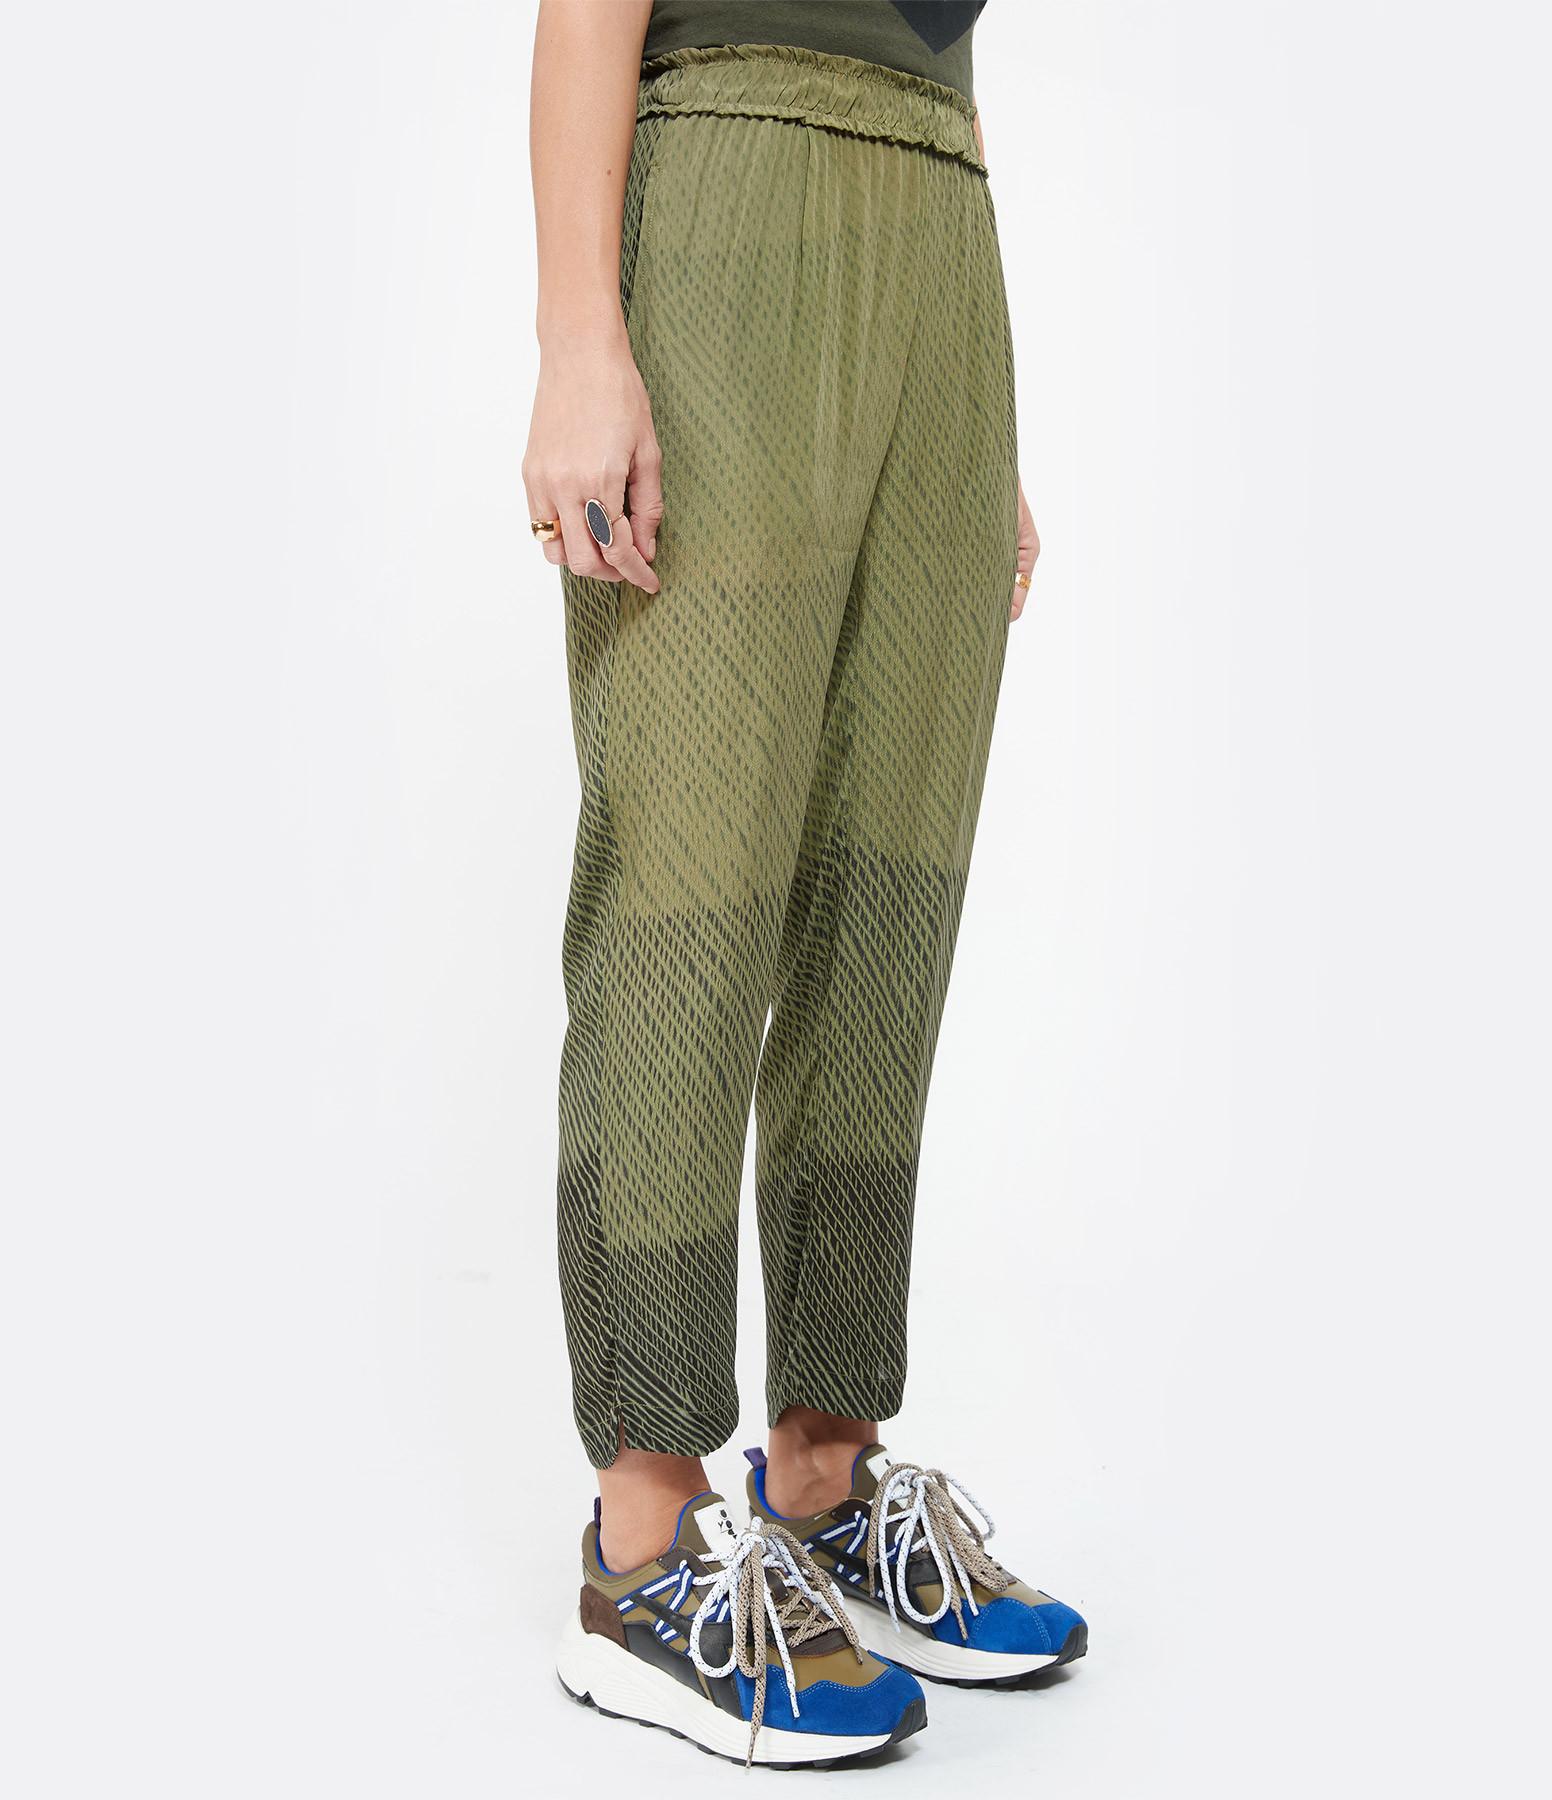 NOUS - Pantalon Mandy Crèpe Noir Kaki